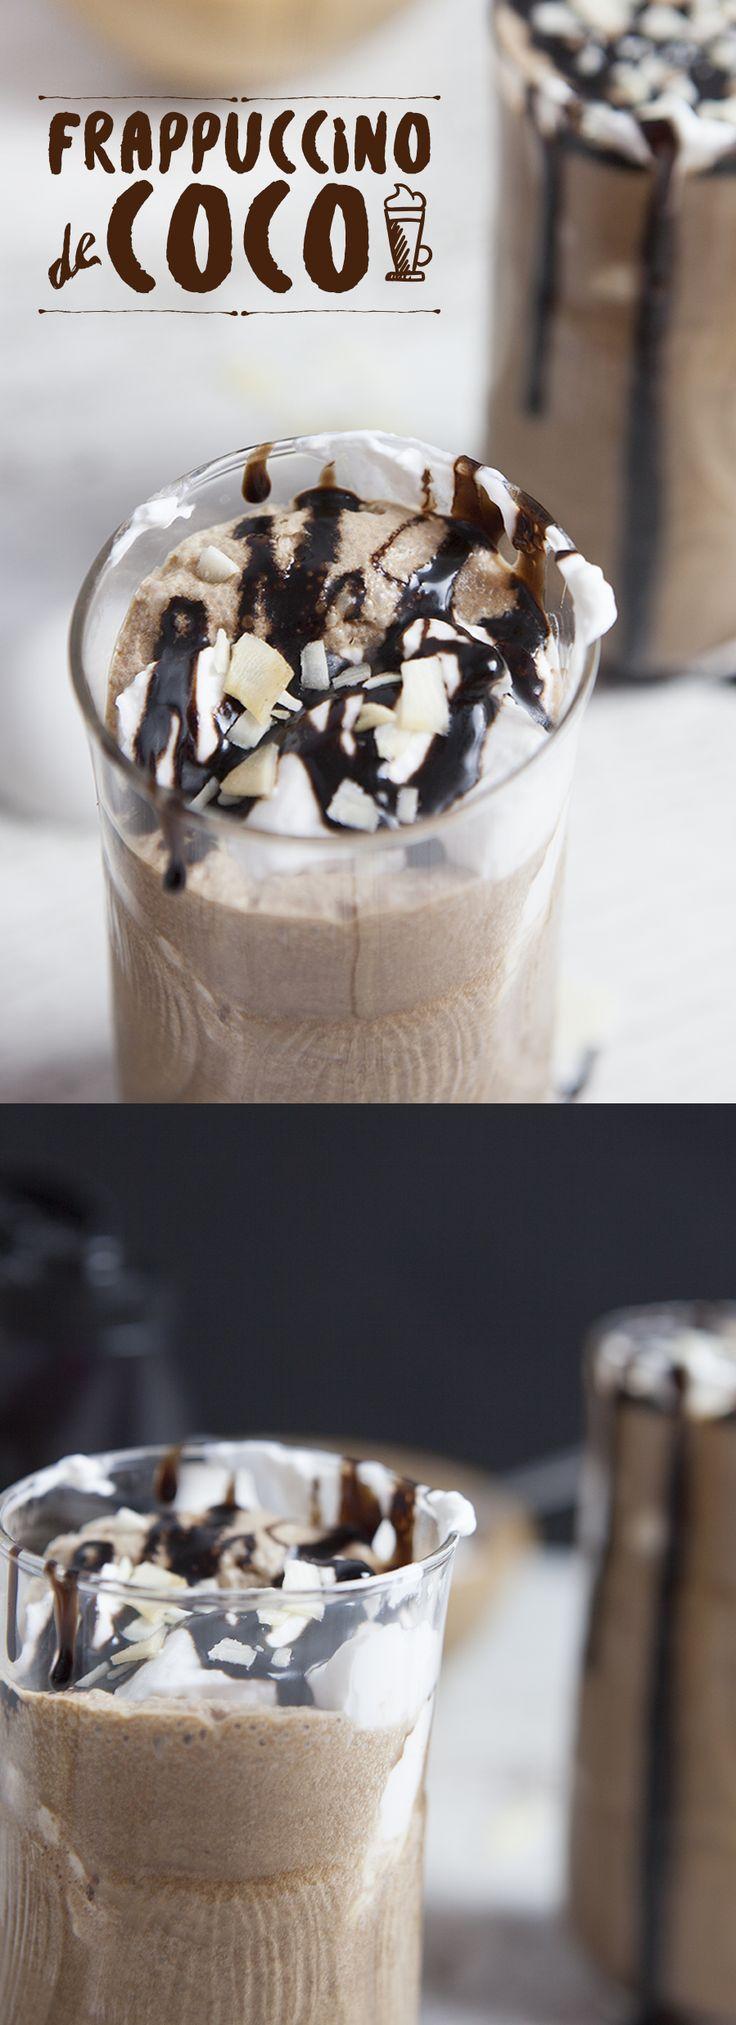 Cremoso y helado frappuccino con leche de coco. #cafe #lechedecoco #chocolate